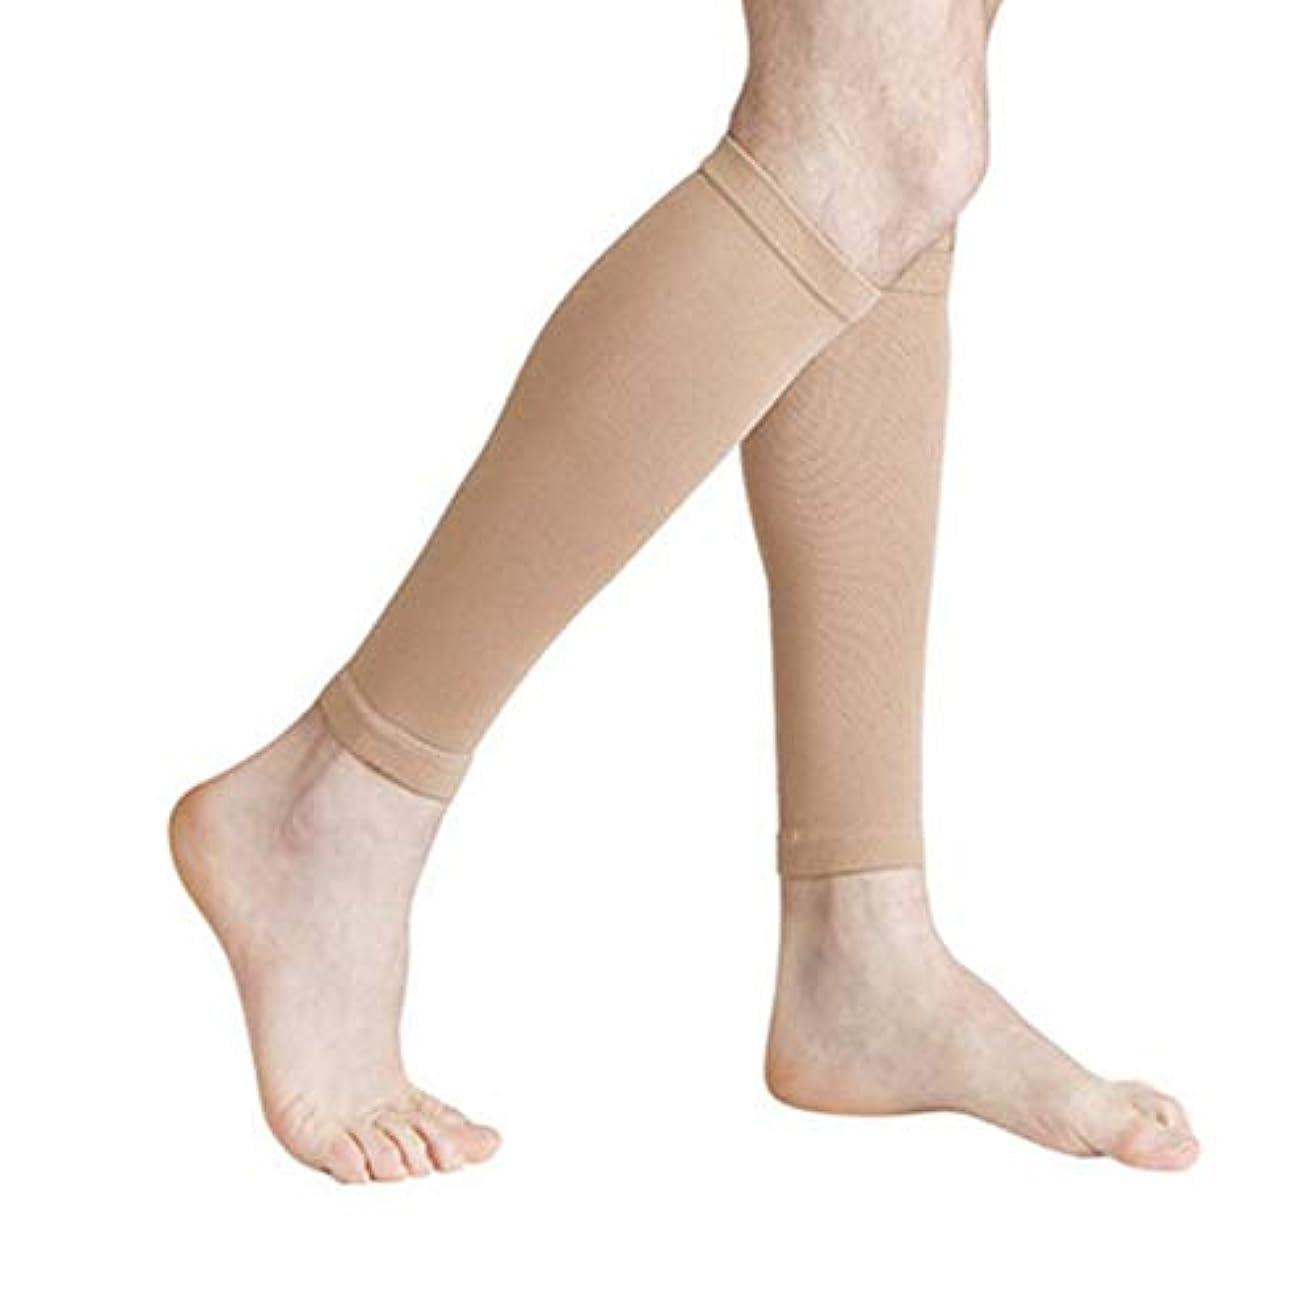 規制付ける公園丈夫な男性女性プロの圧縮靴下通気性のある旅行活動看護師用シントスプリントフライトトラベル - 肌色